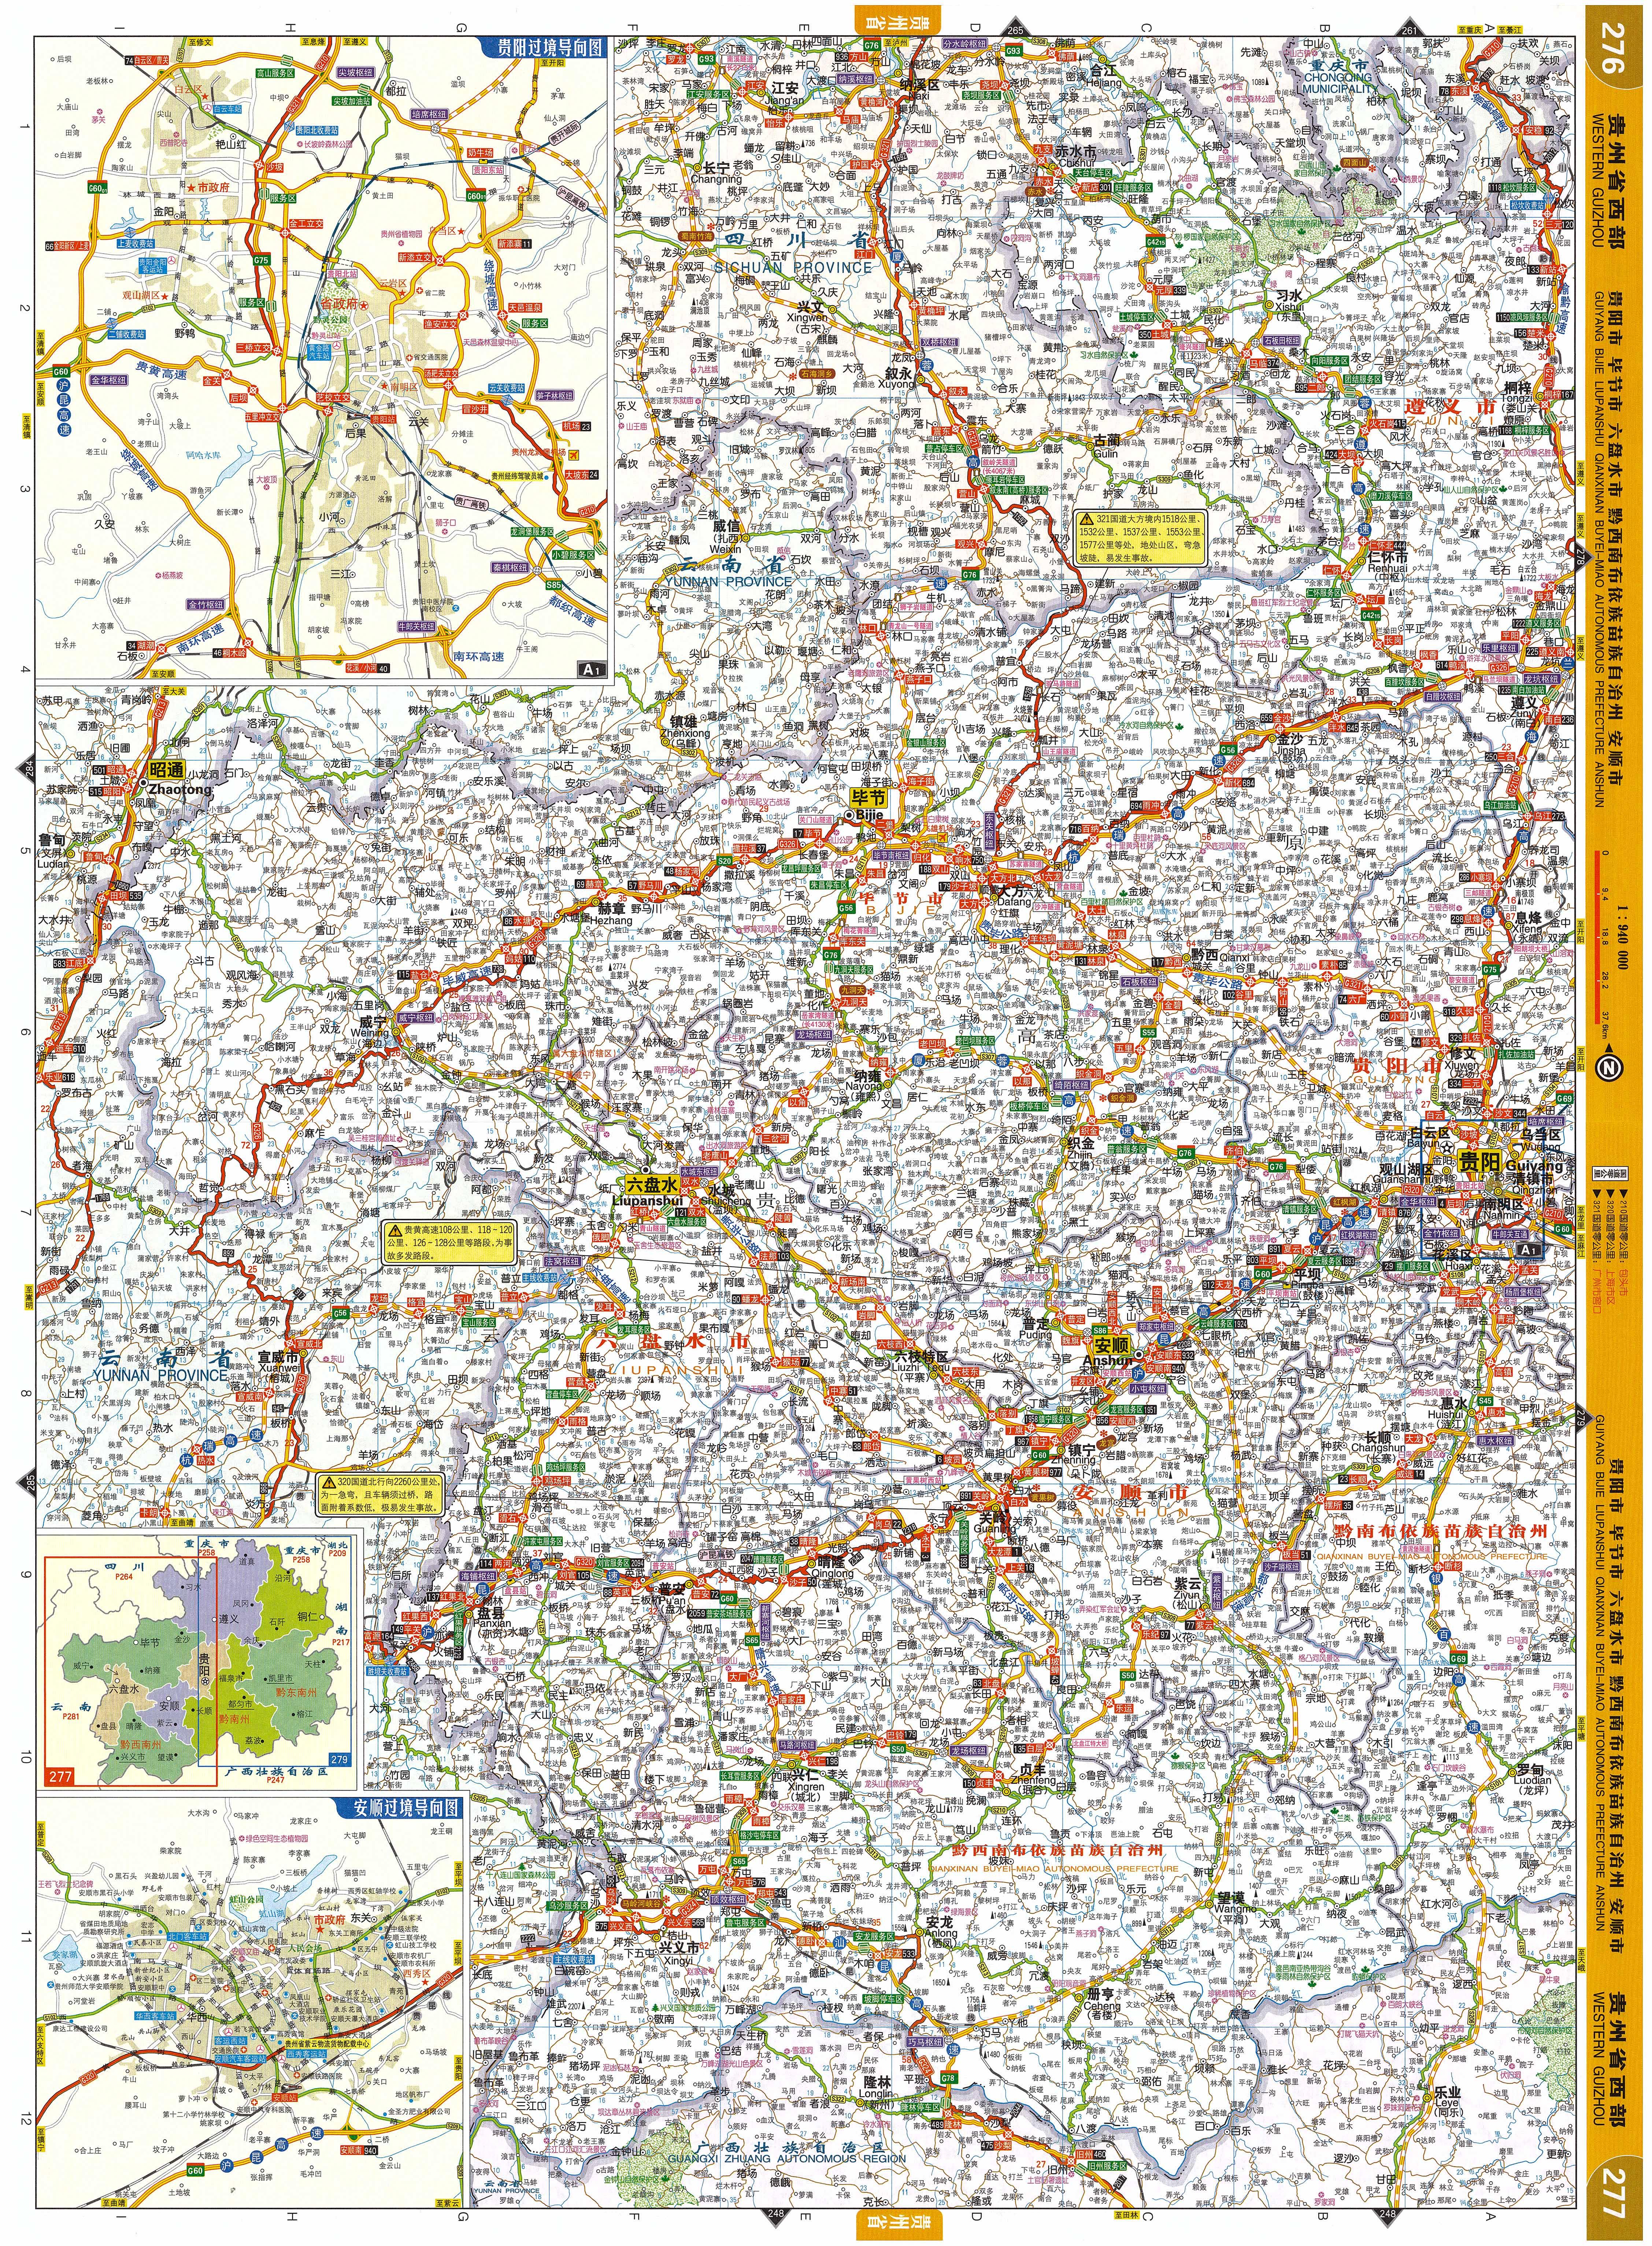 江苏高铁地图全图_贵州省西部交通地图_交通地图库_地图窝